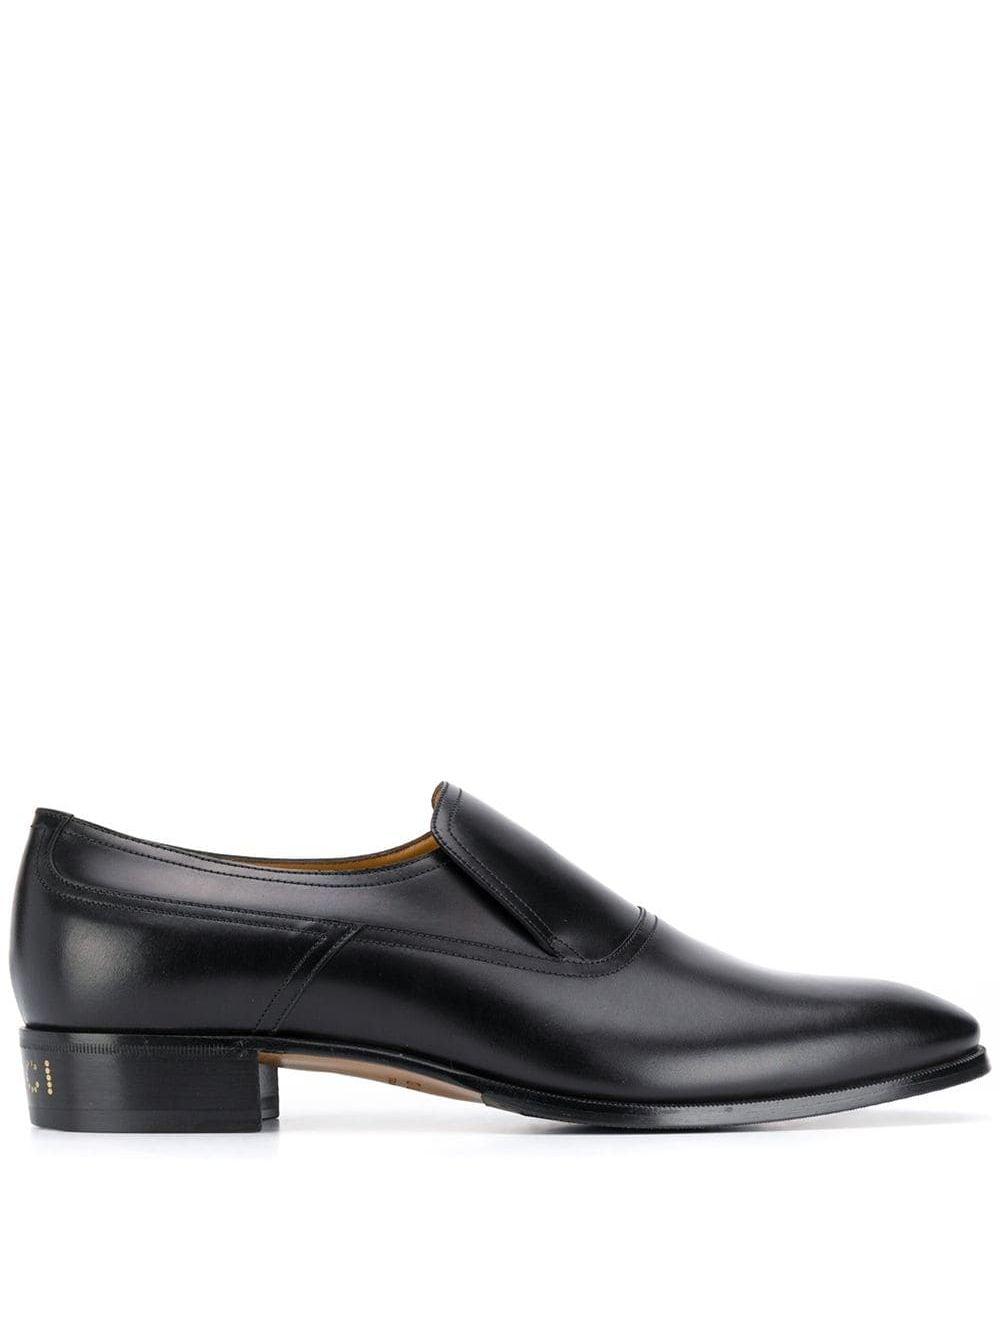 Gucci Klassische Loafer - Schwarz